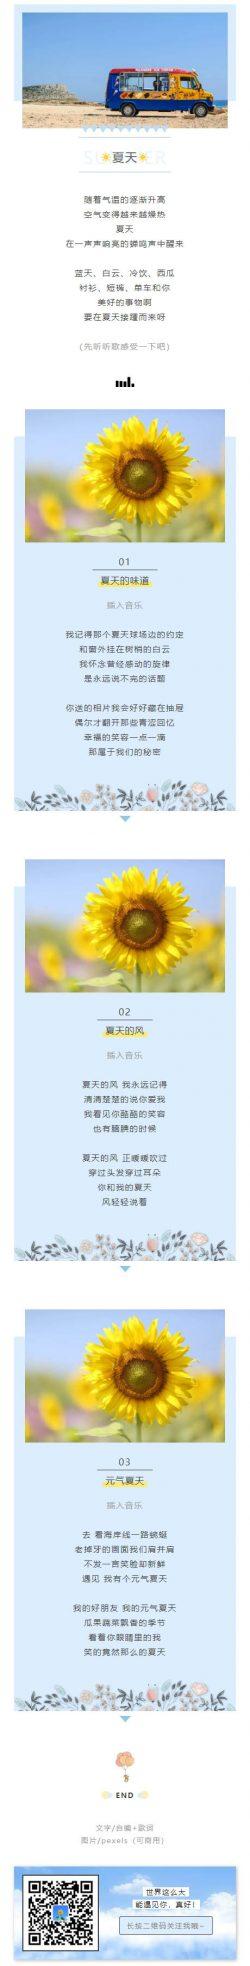 夏天清新清爽风格蓝色夏季微信推送素材